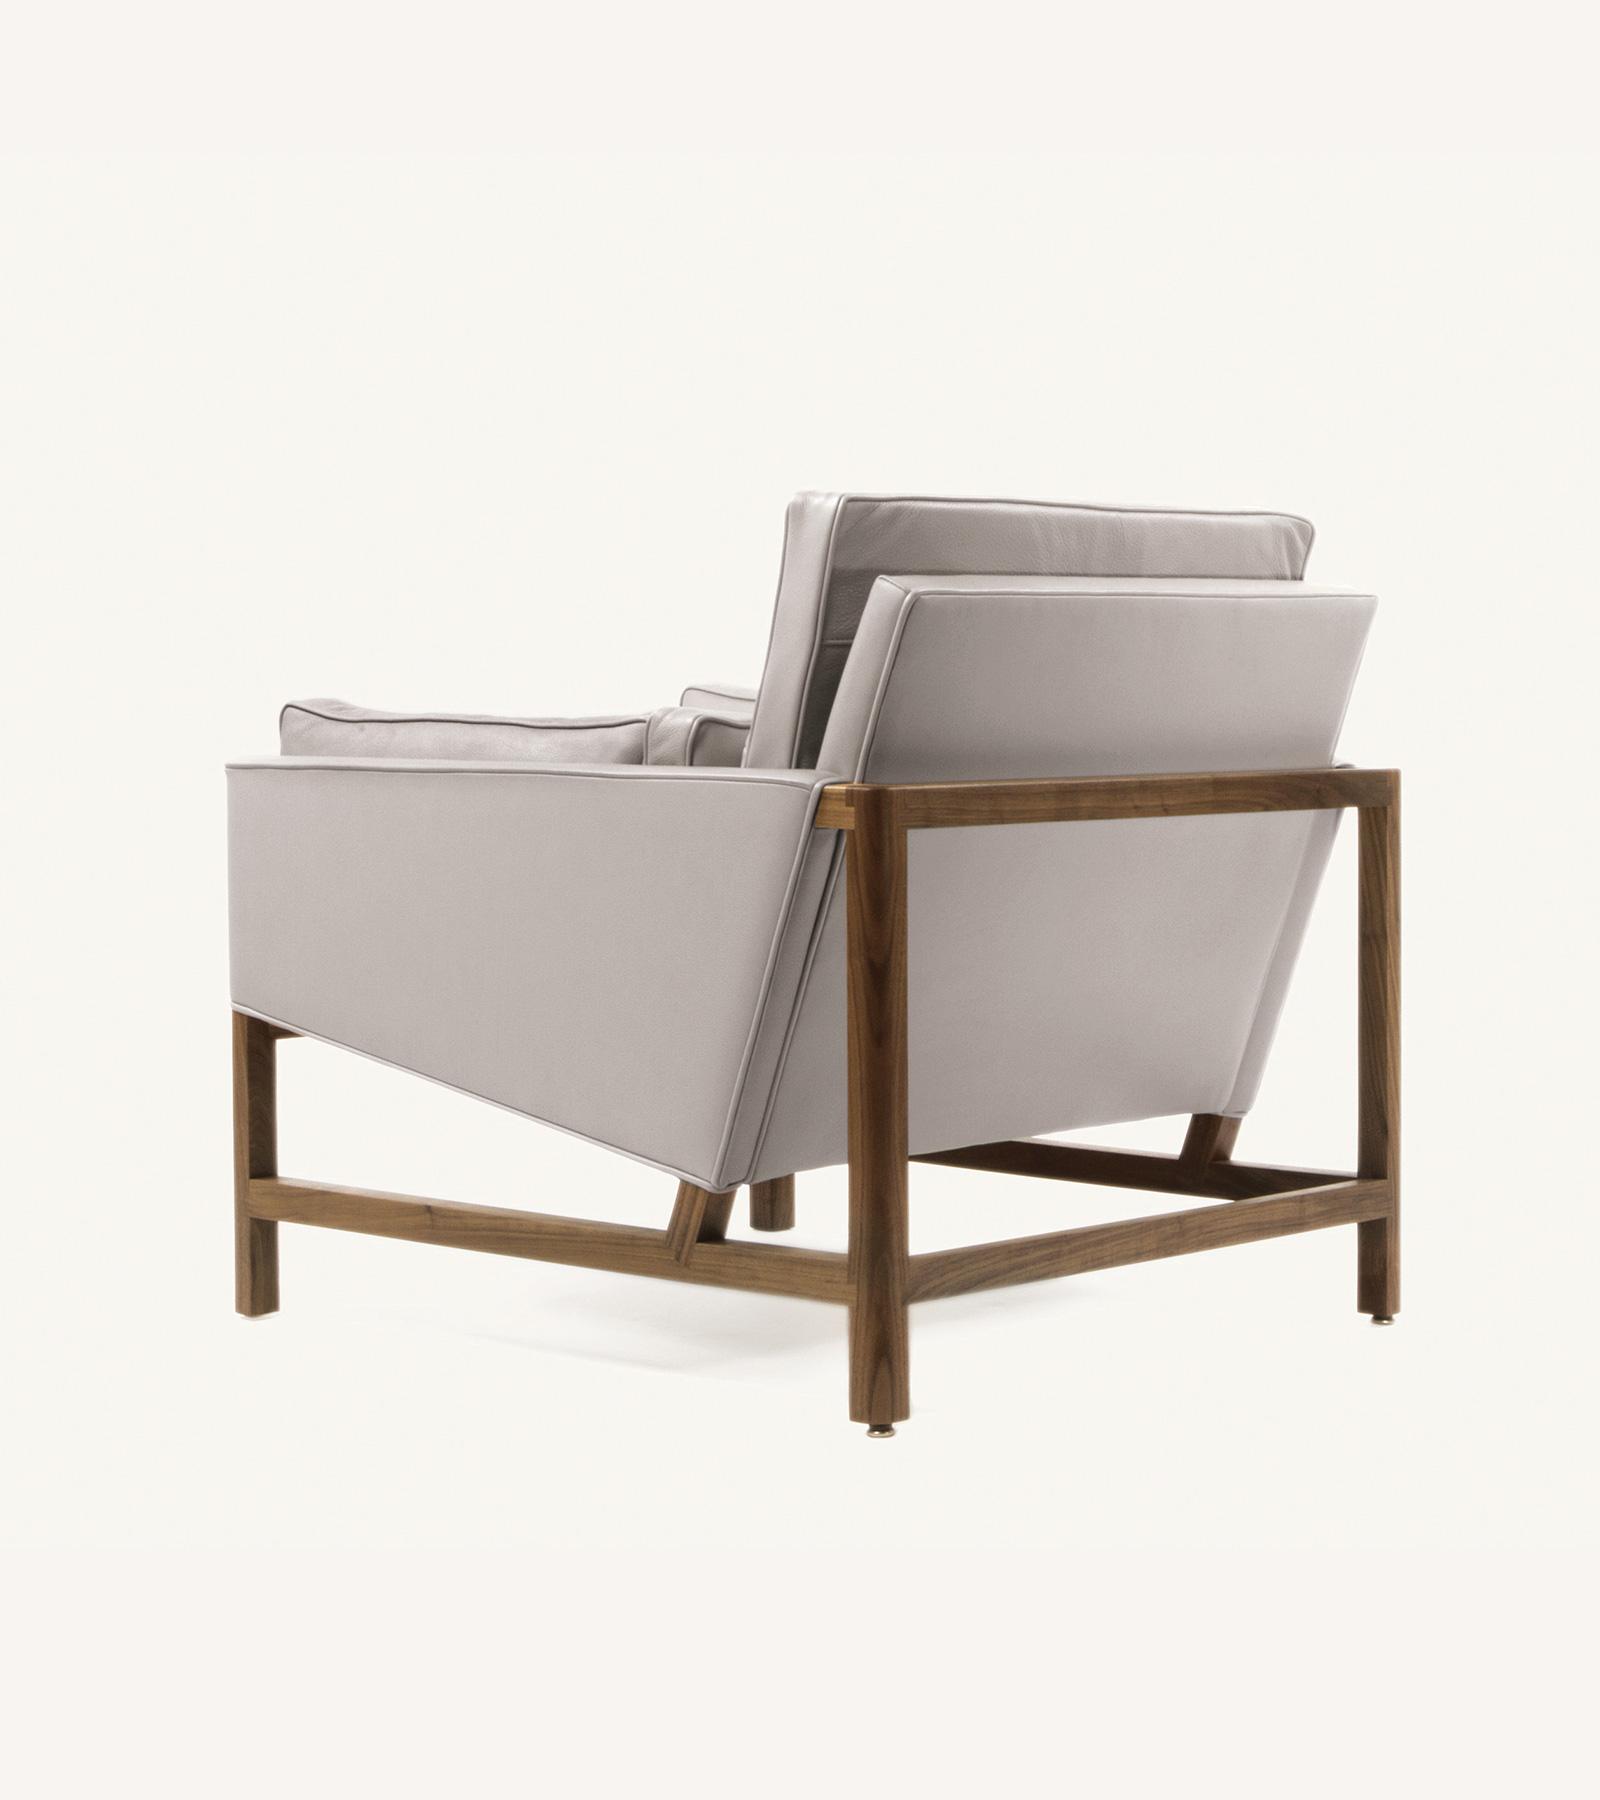 TinnappleMetz-bassamfellows-Wood-Frame-Lounge-Chair-06